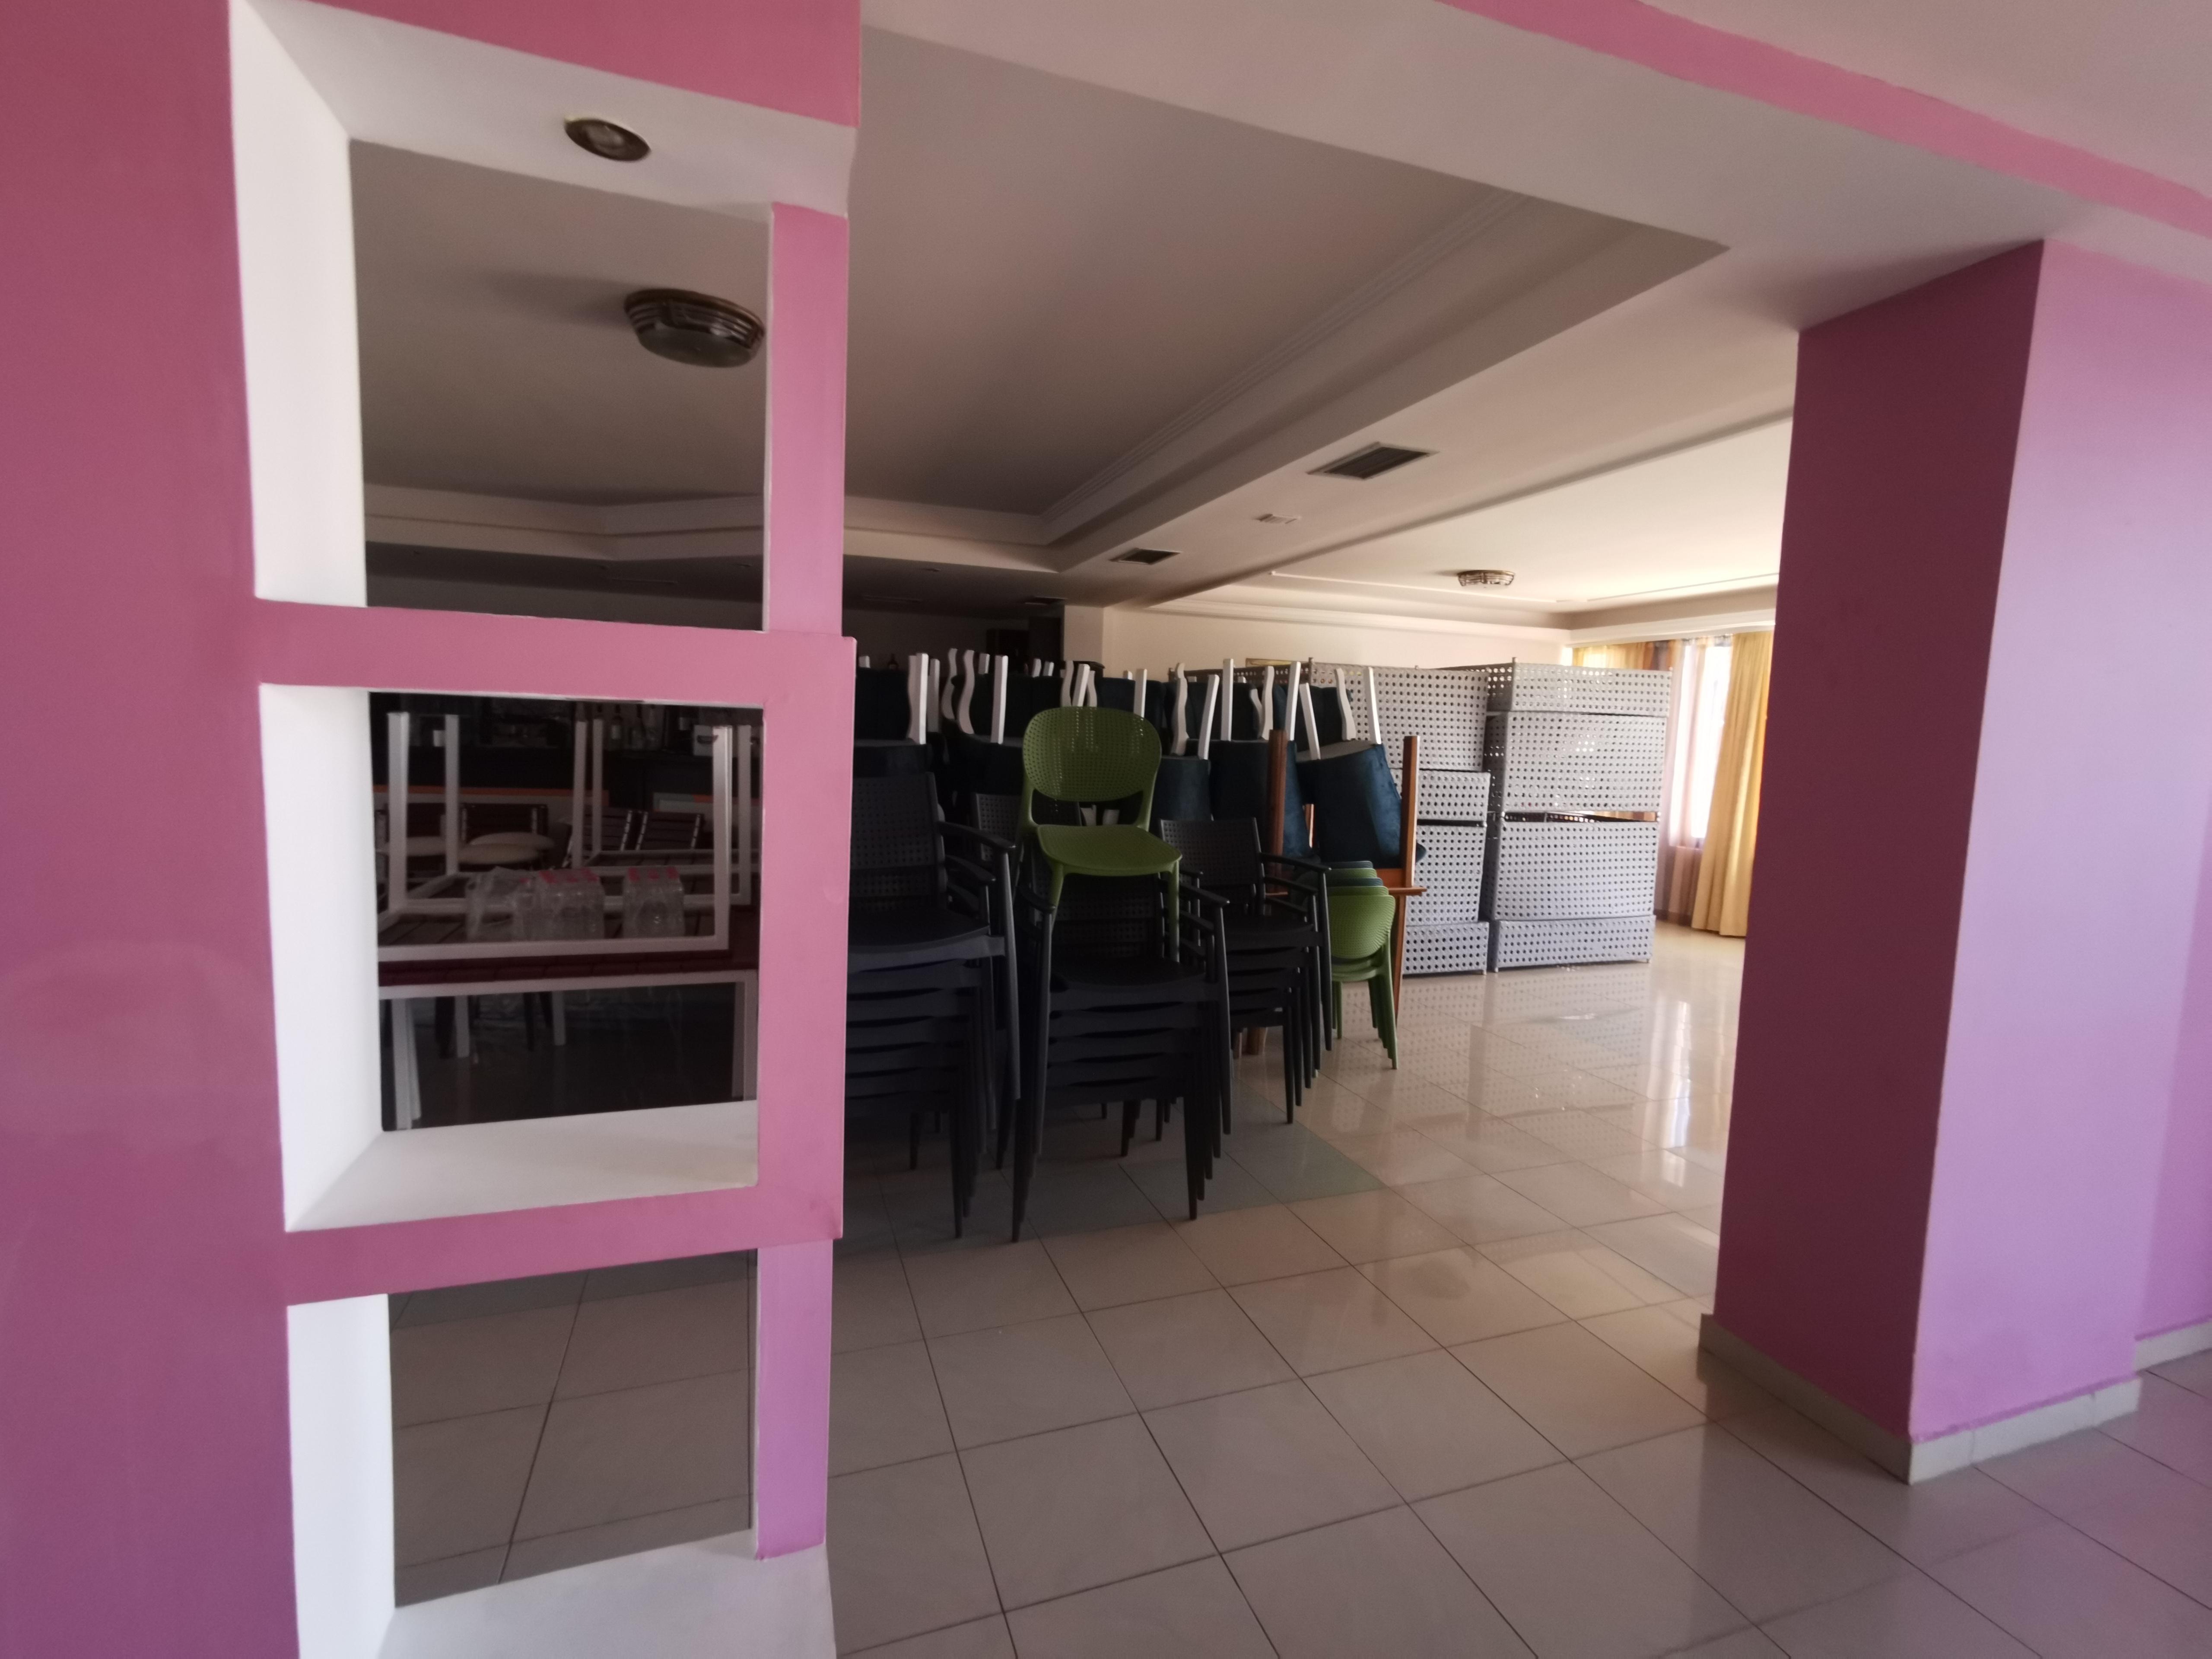 Letovanje Albanija hoteli, Saranda, autobus, Hotel Perla,restoran